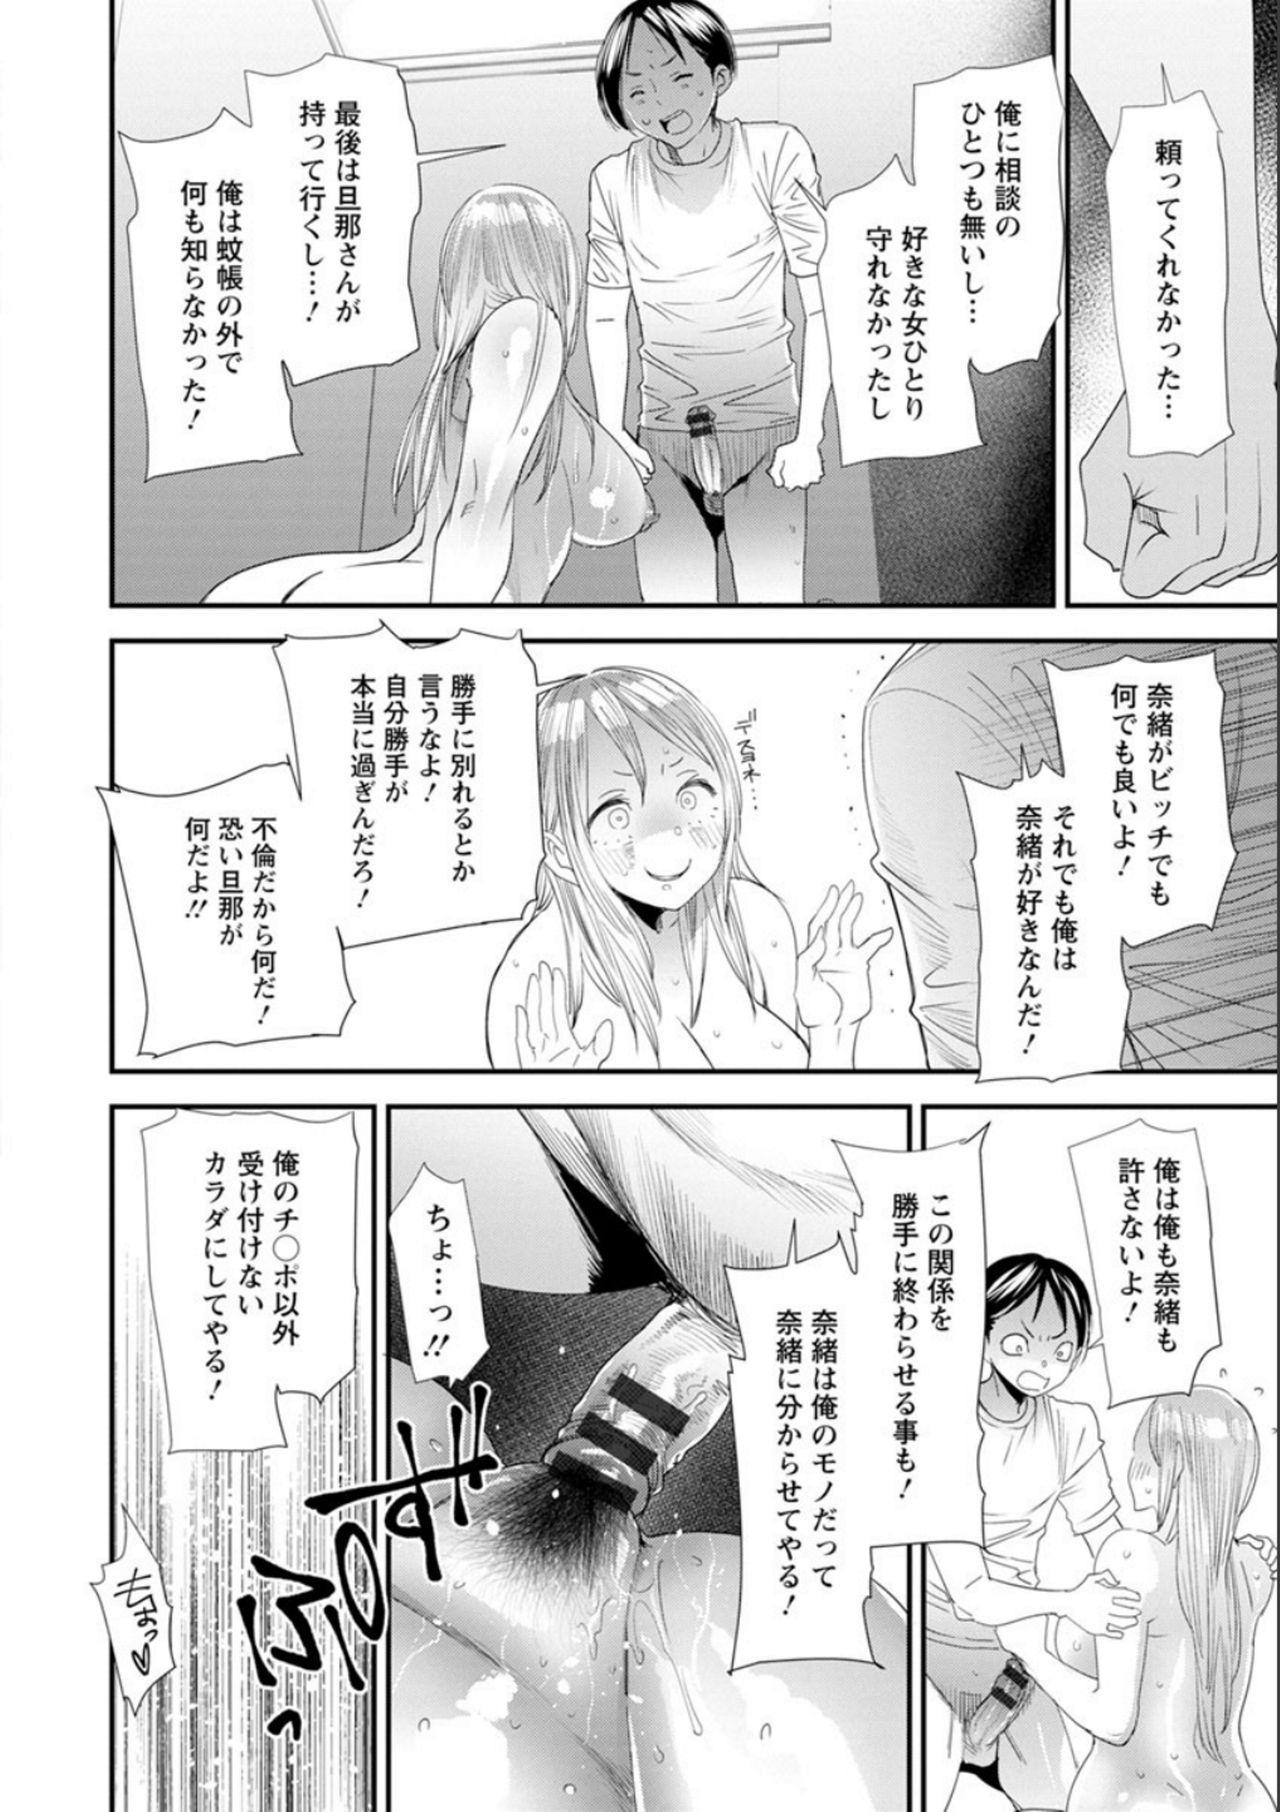 Nao's Secret 142